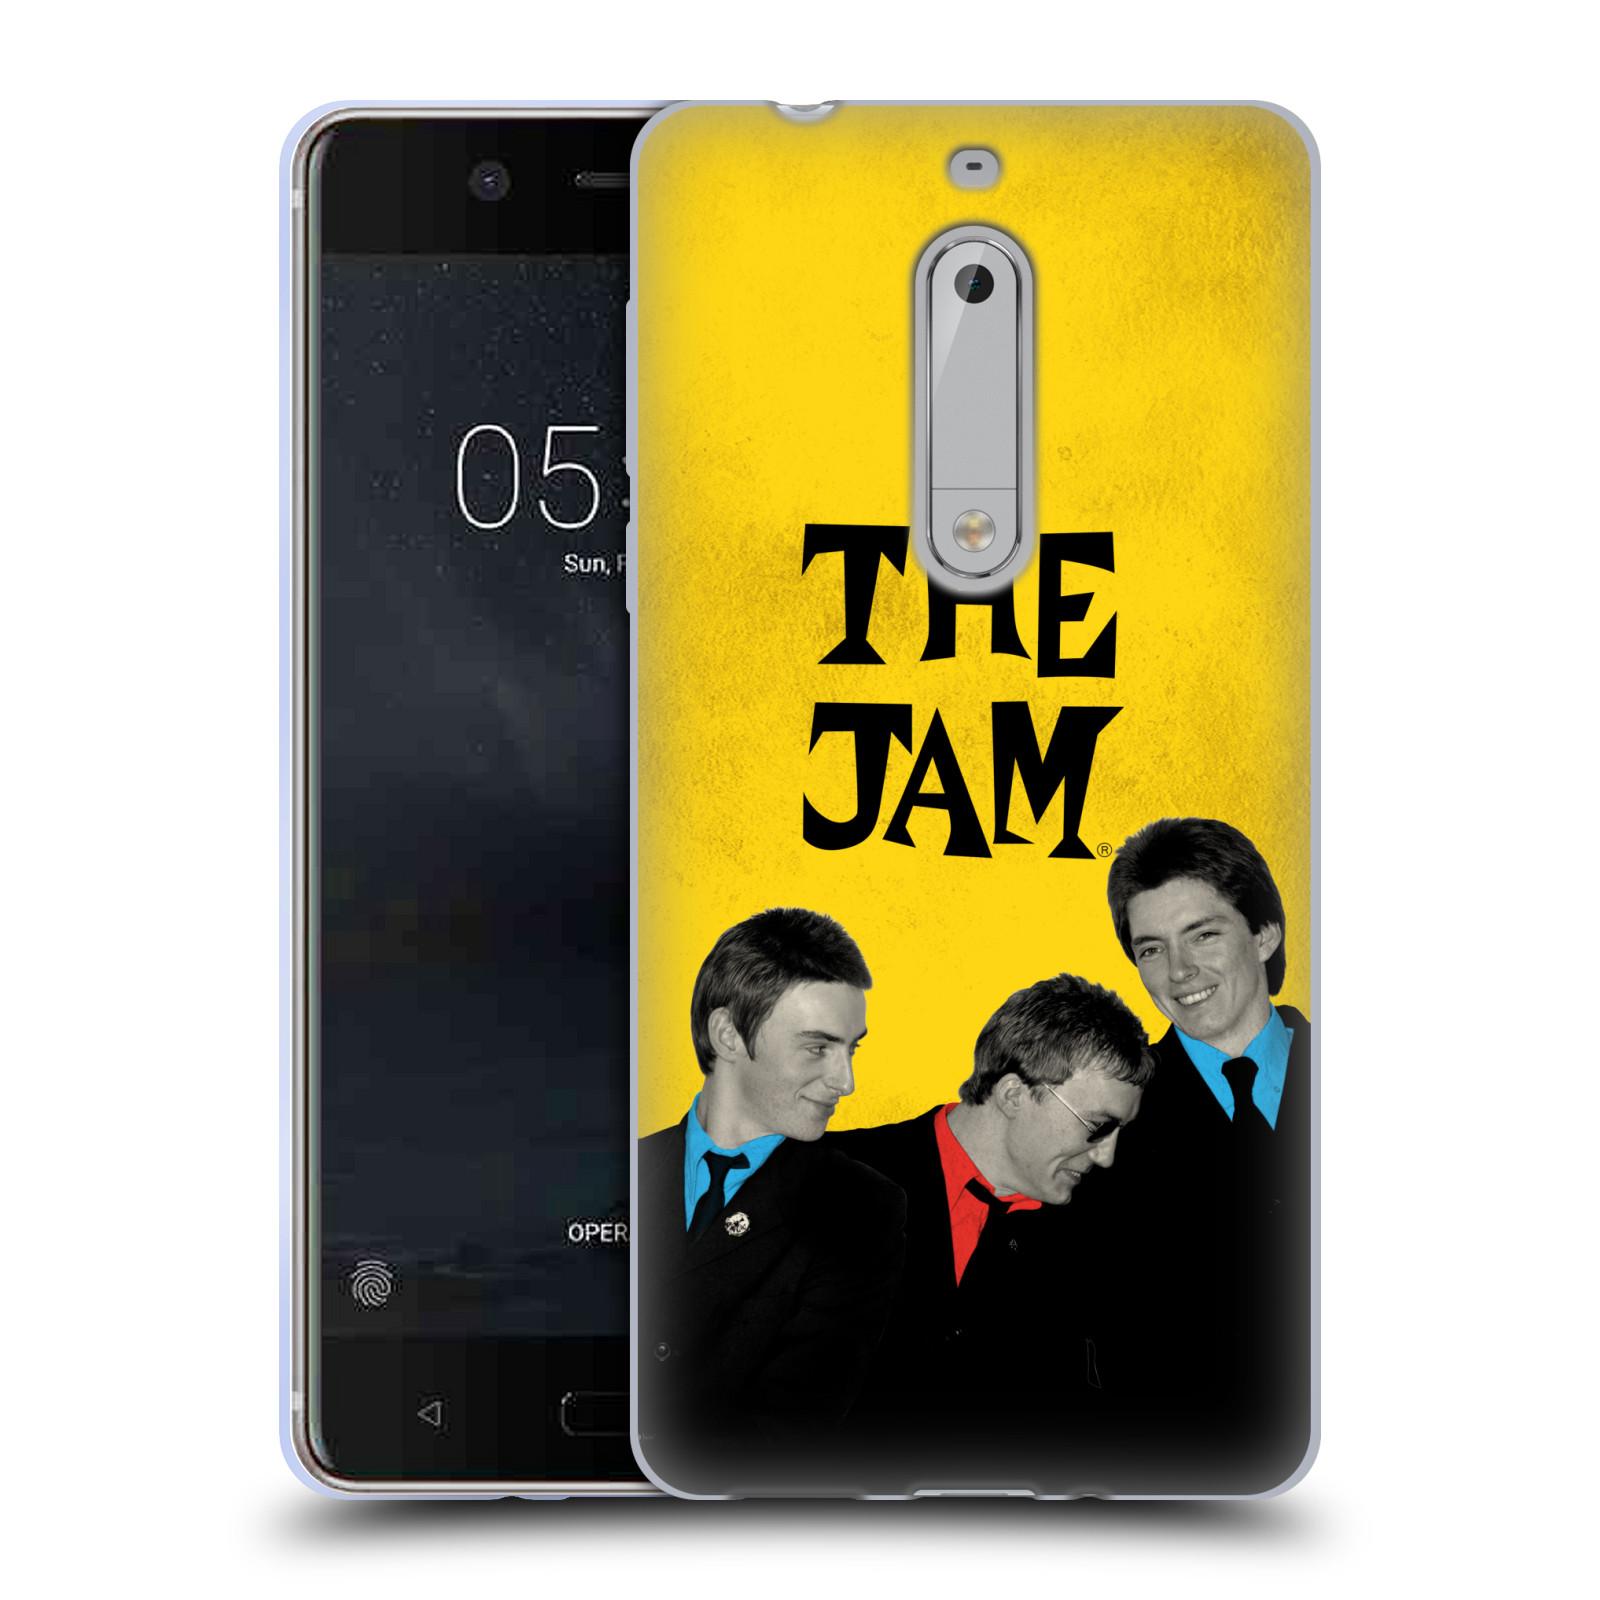 HEAD CASE silikonový obal na mobil Nokia 5 skupina The Jam